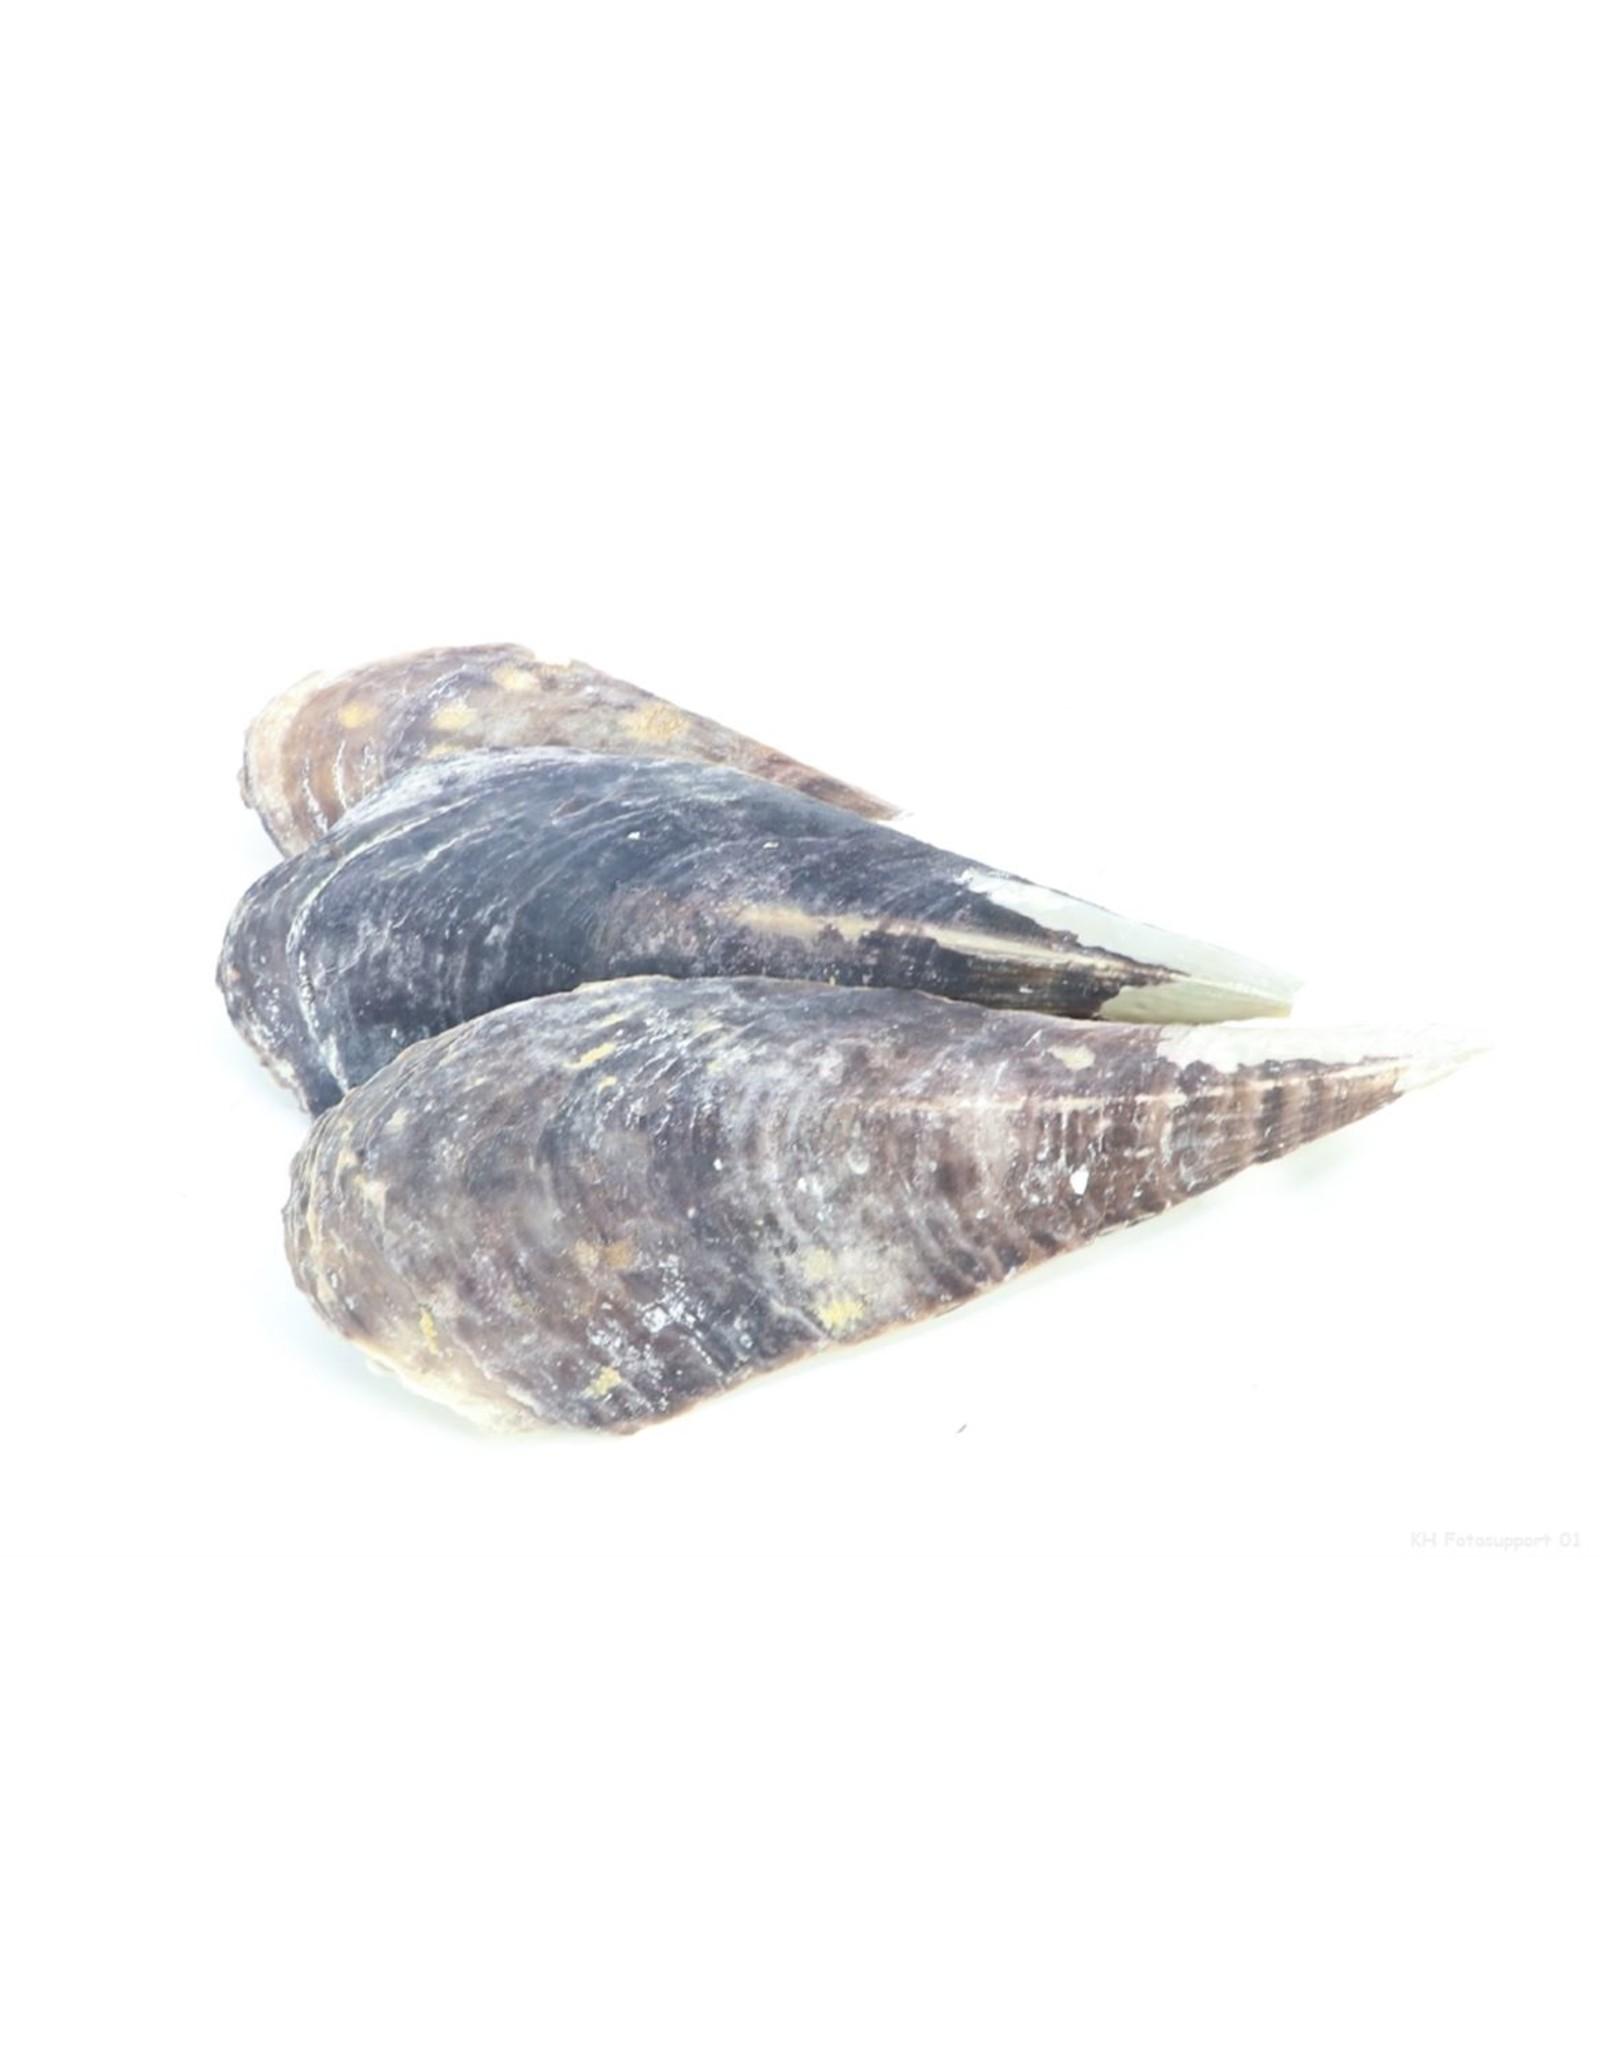 HD Basic Shell Pinnidae Penshell 1kilo (x 16)